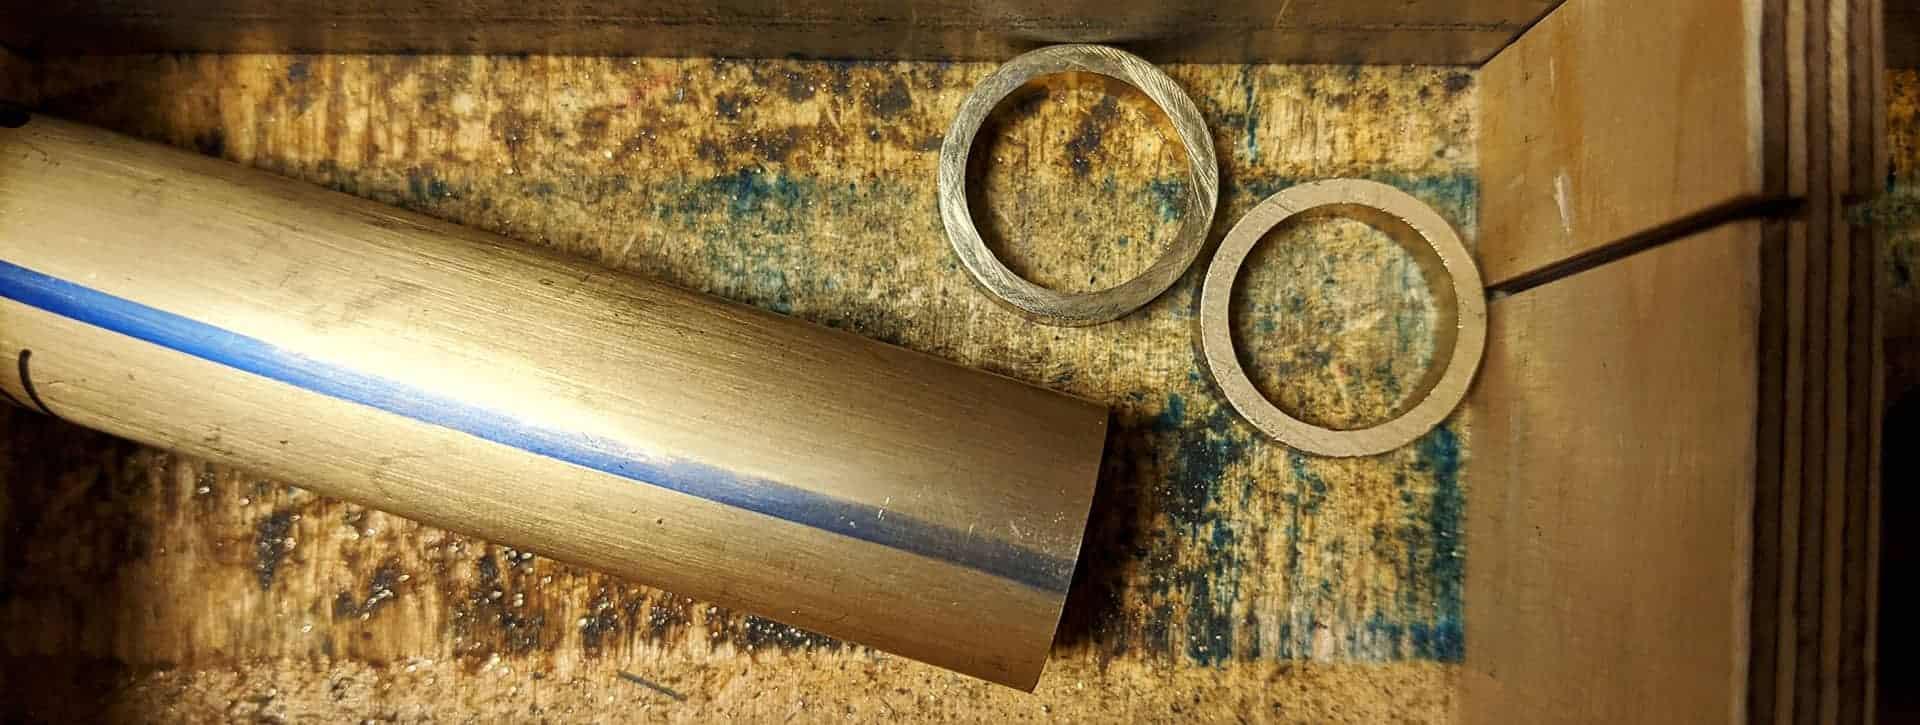 Merkle Ringe und Schmuck Legierungen